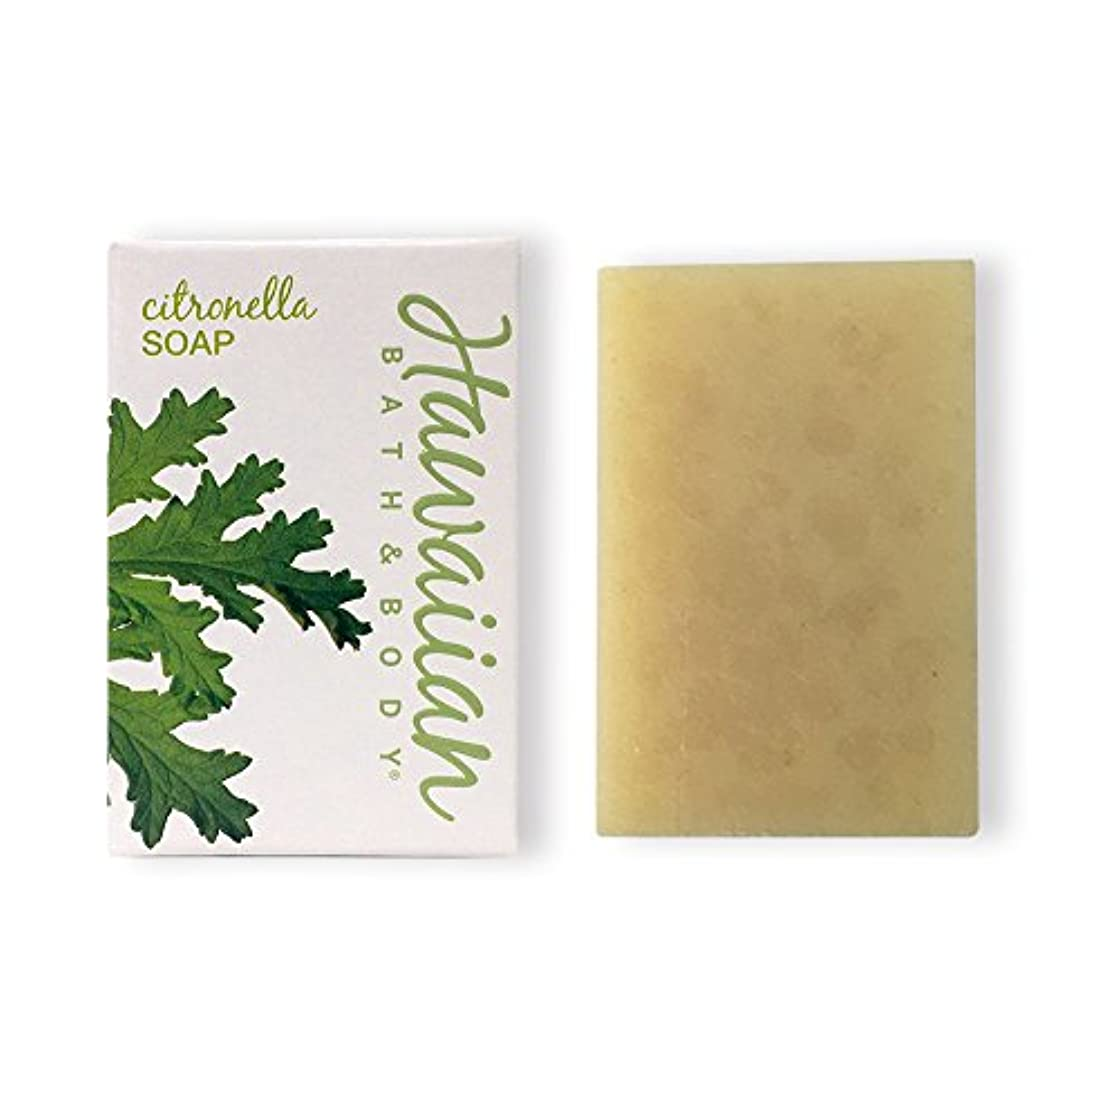 医薬品パイプライン聖域ハワイアンバス&ボディ シトロネラソープ(ビーチバー)( Citronella Soap )